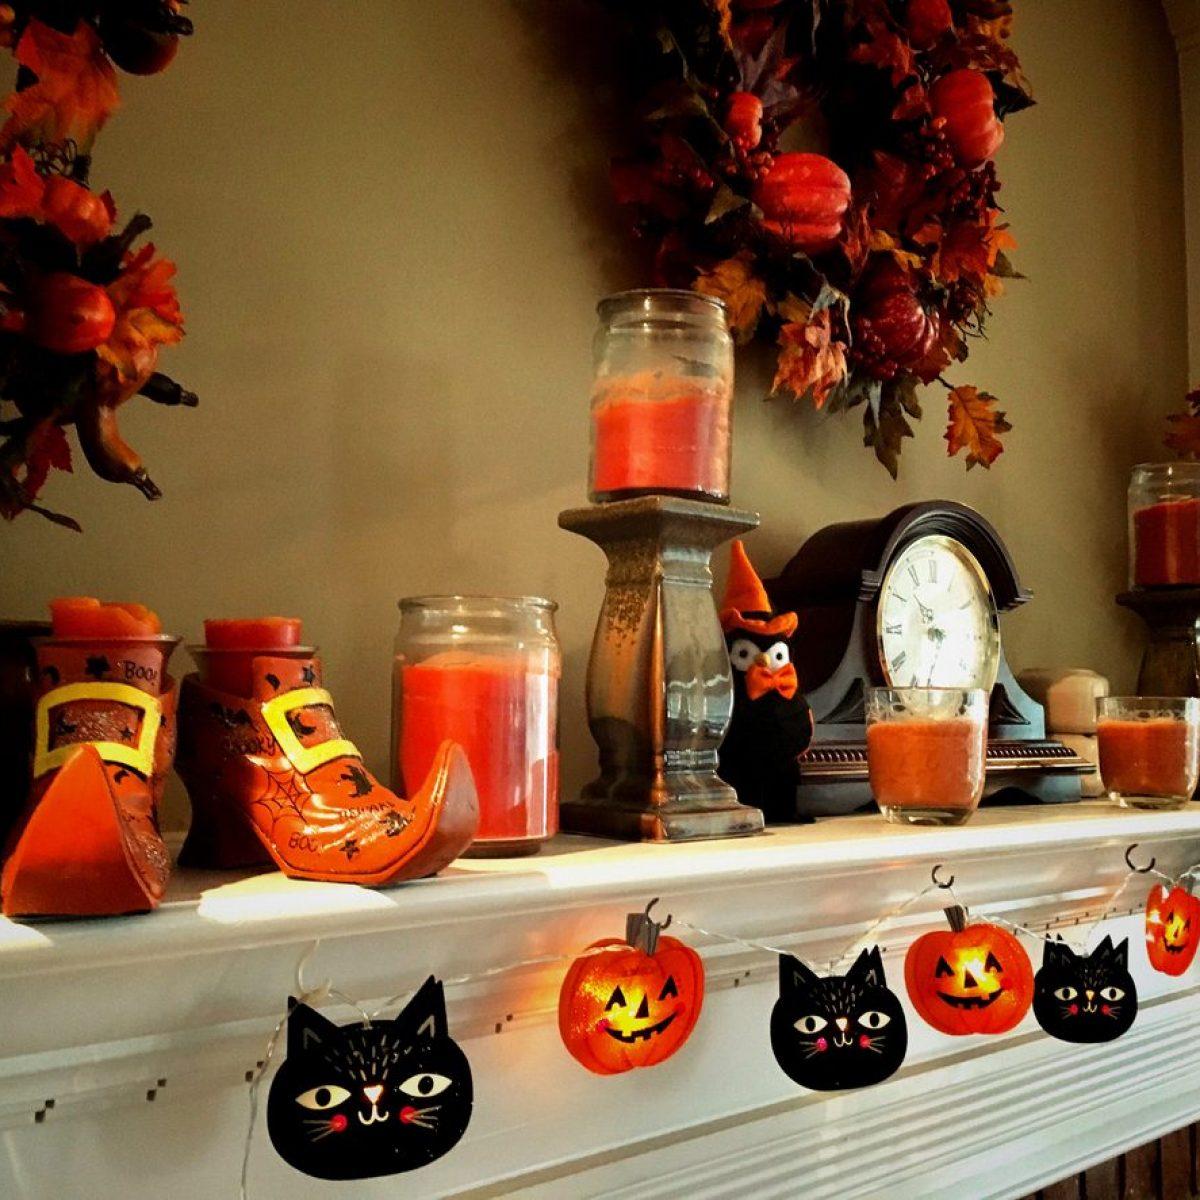 Addobbi Tavola Per Halloween idee creative e fai da te per decorare la casa ad halloween